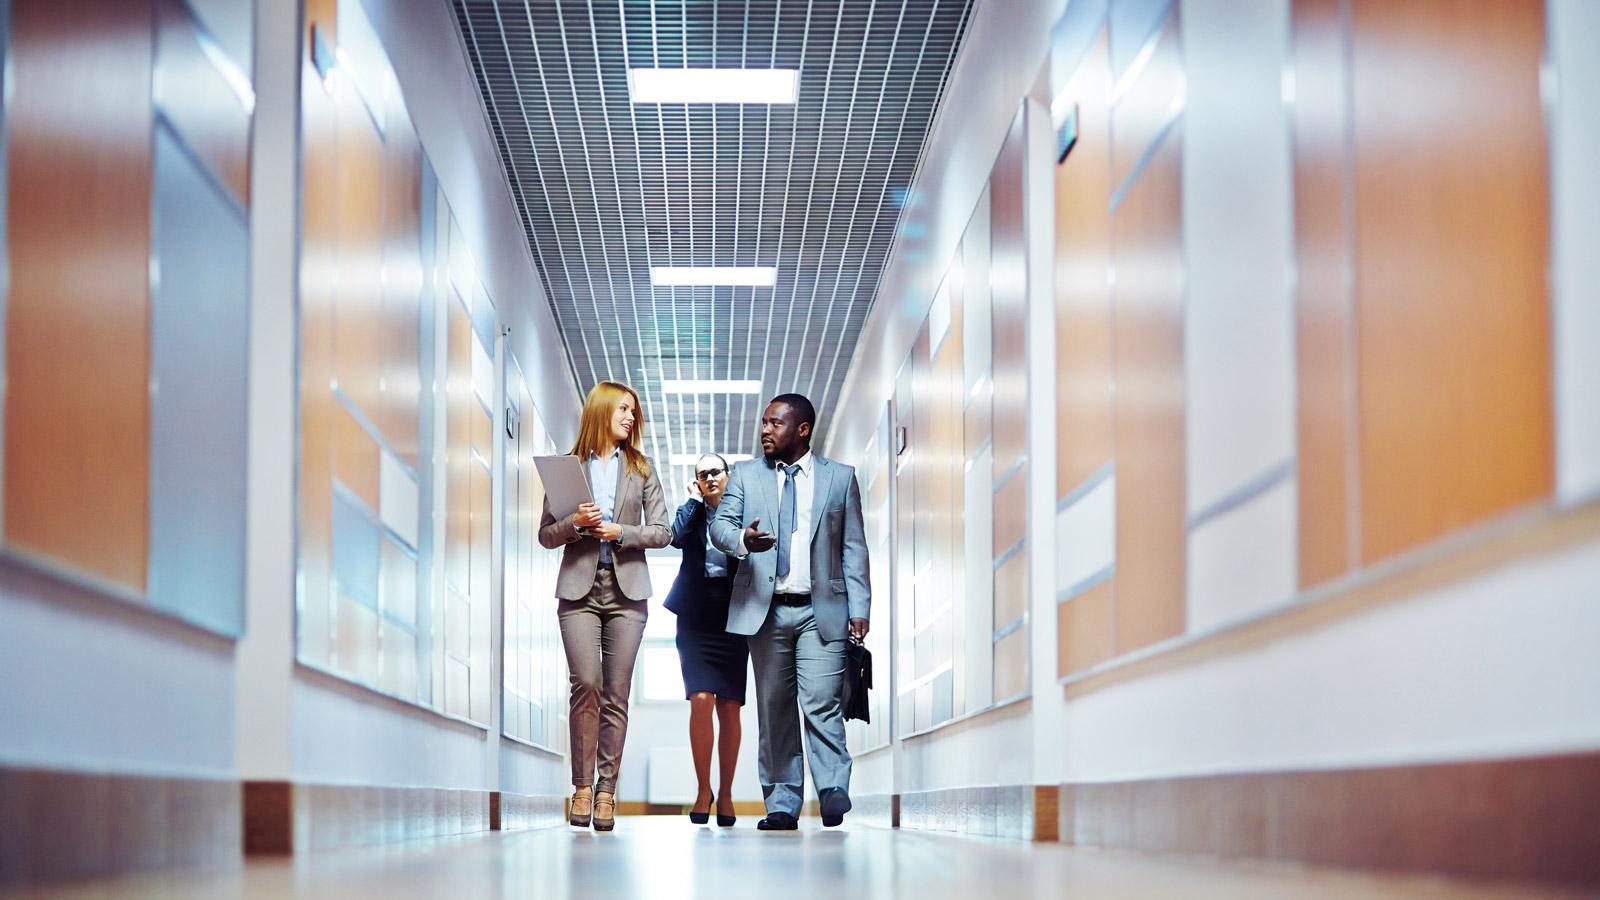 Czego oczekiwać po biurowych TECHNOLOGIACH Biuro mediarun nowoczesne biuro technologie 2019